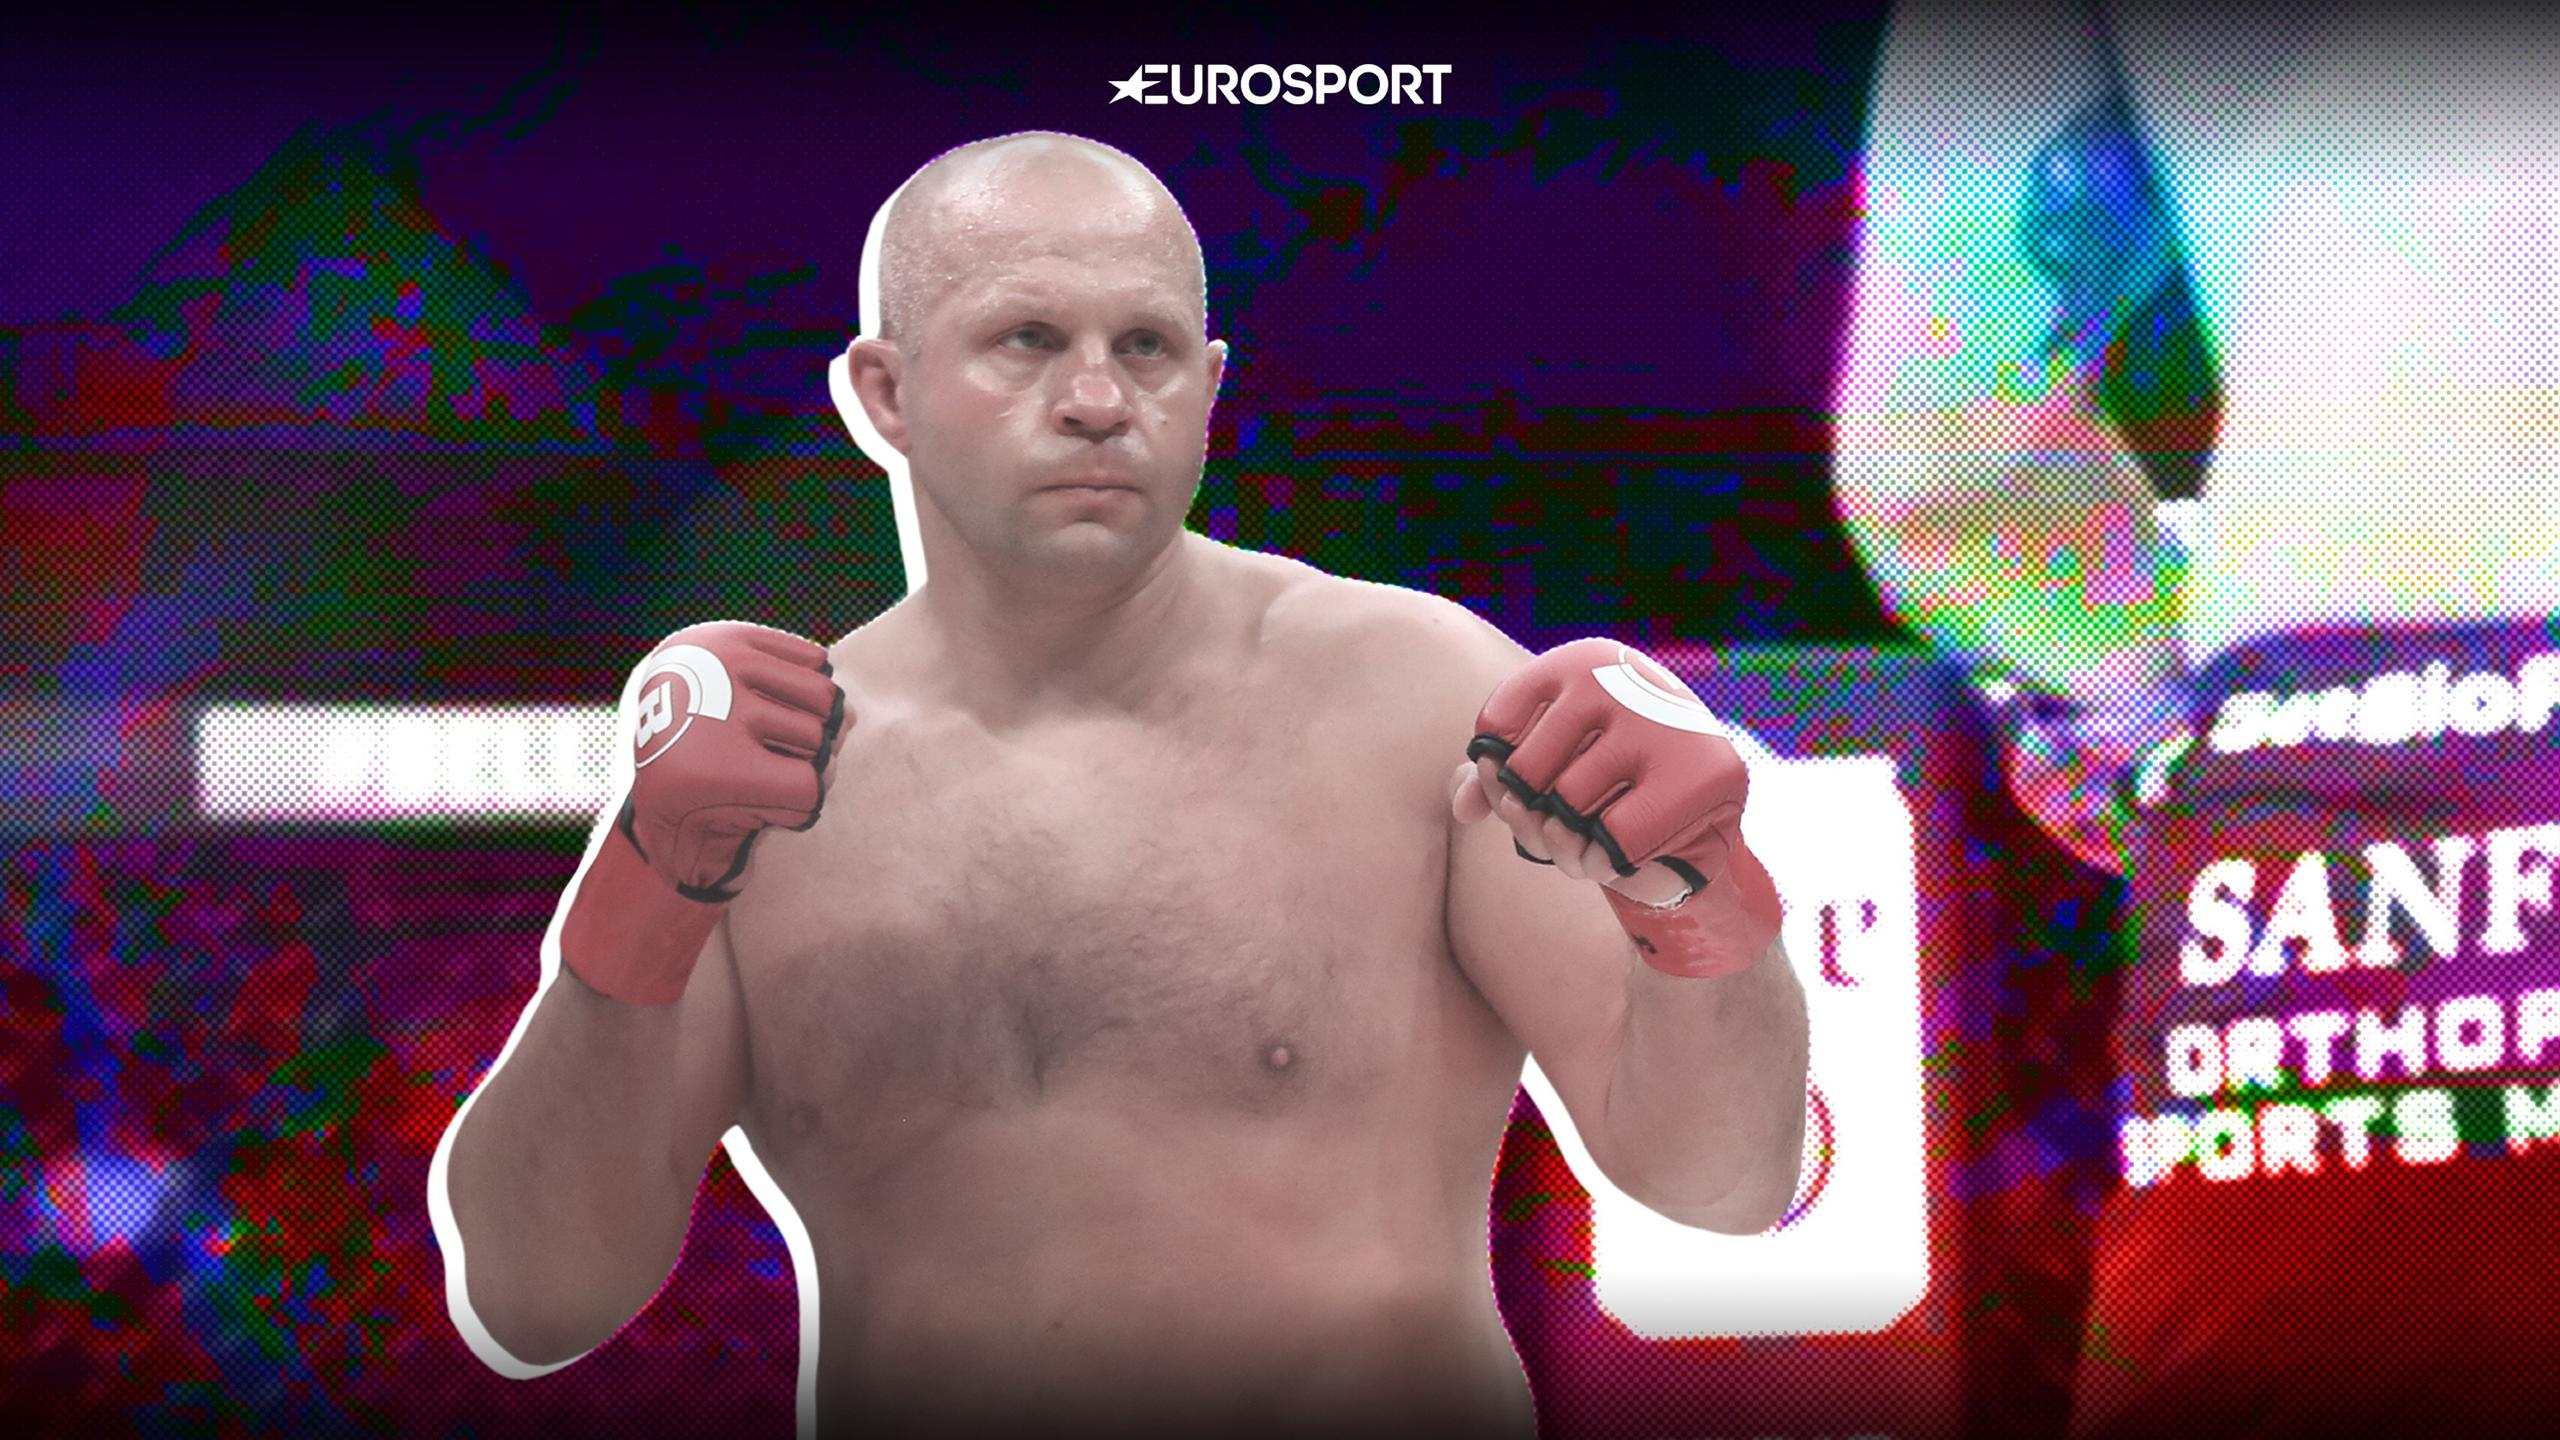 Смотреть бесплатно порно на русском!